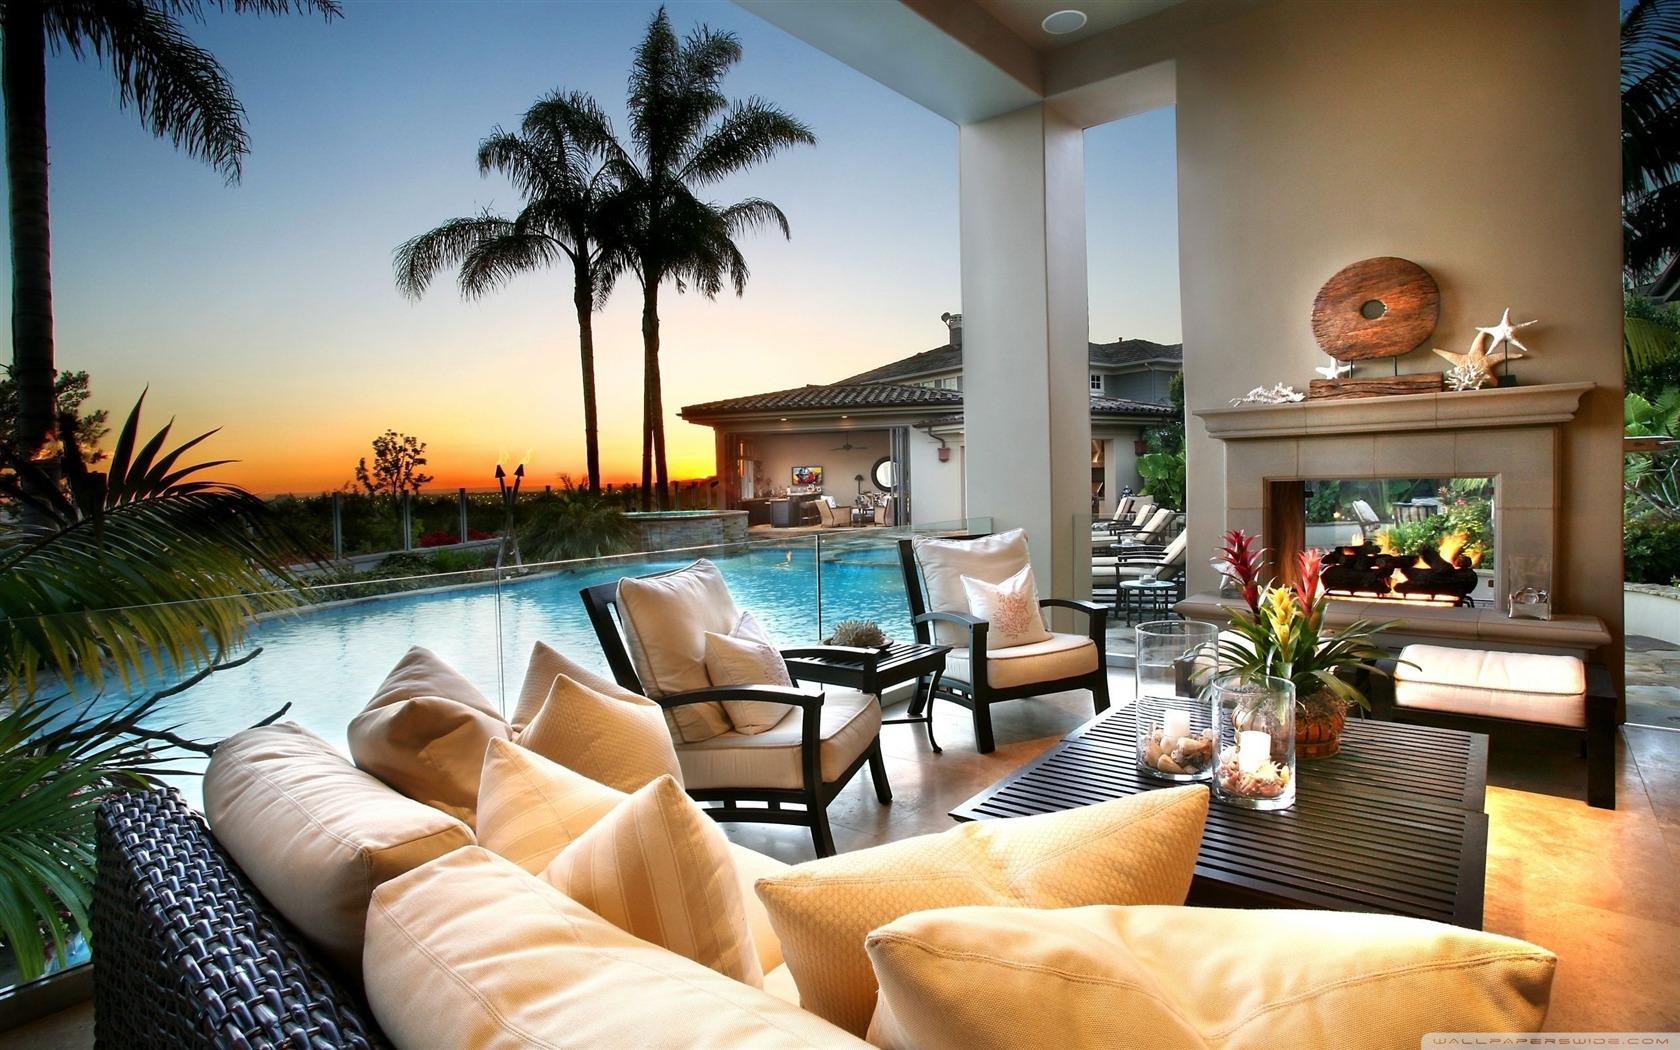 beautiful house-Architecture Decoration landscape wallpaper ...